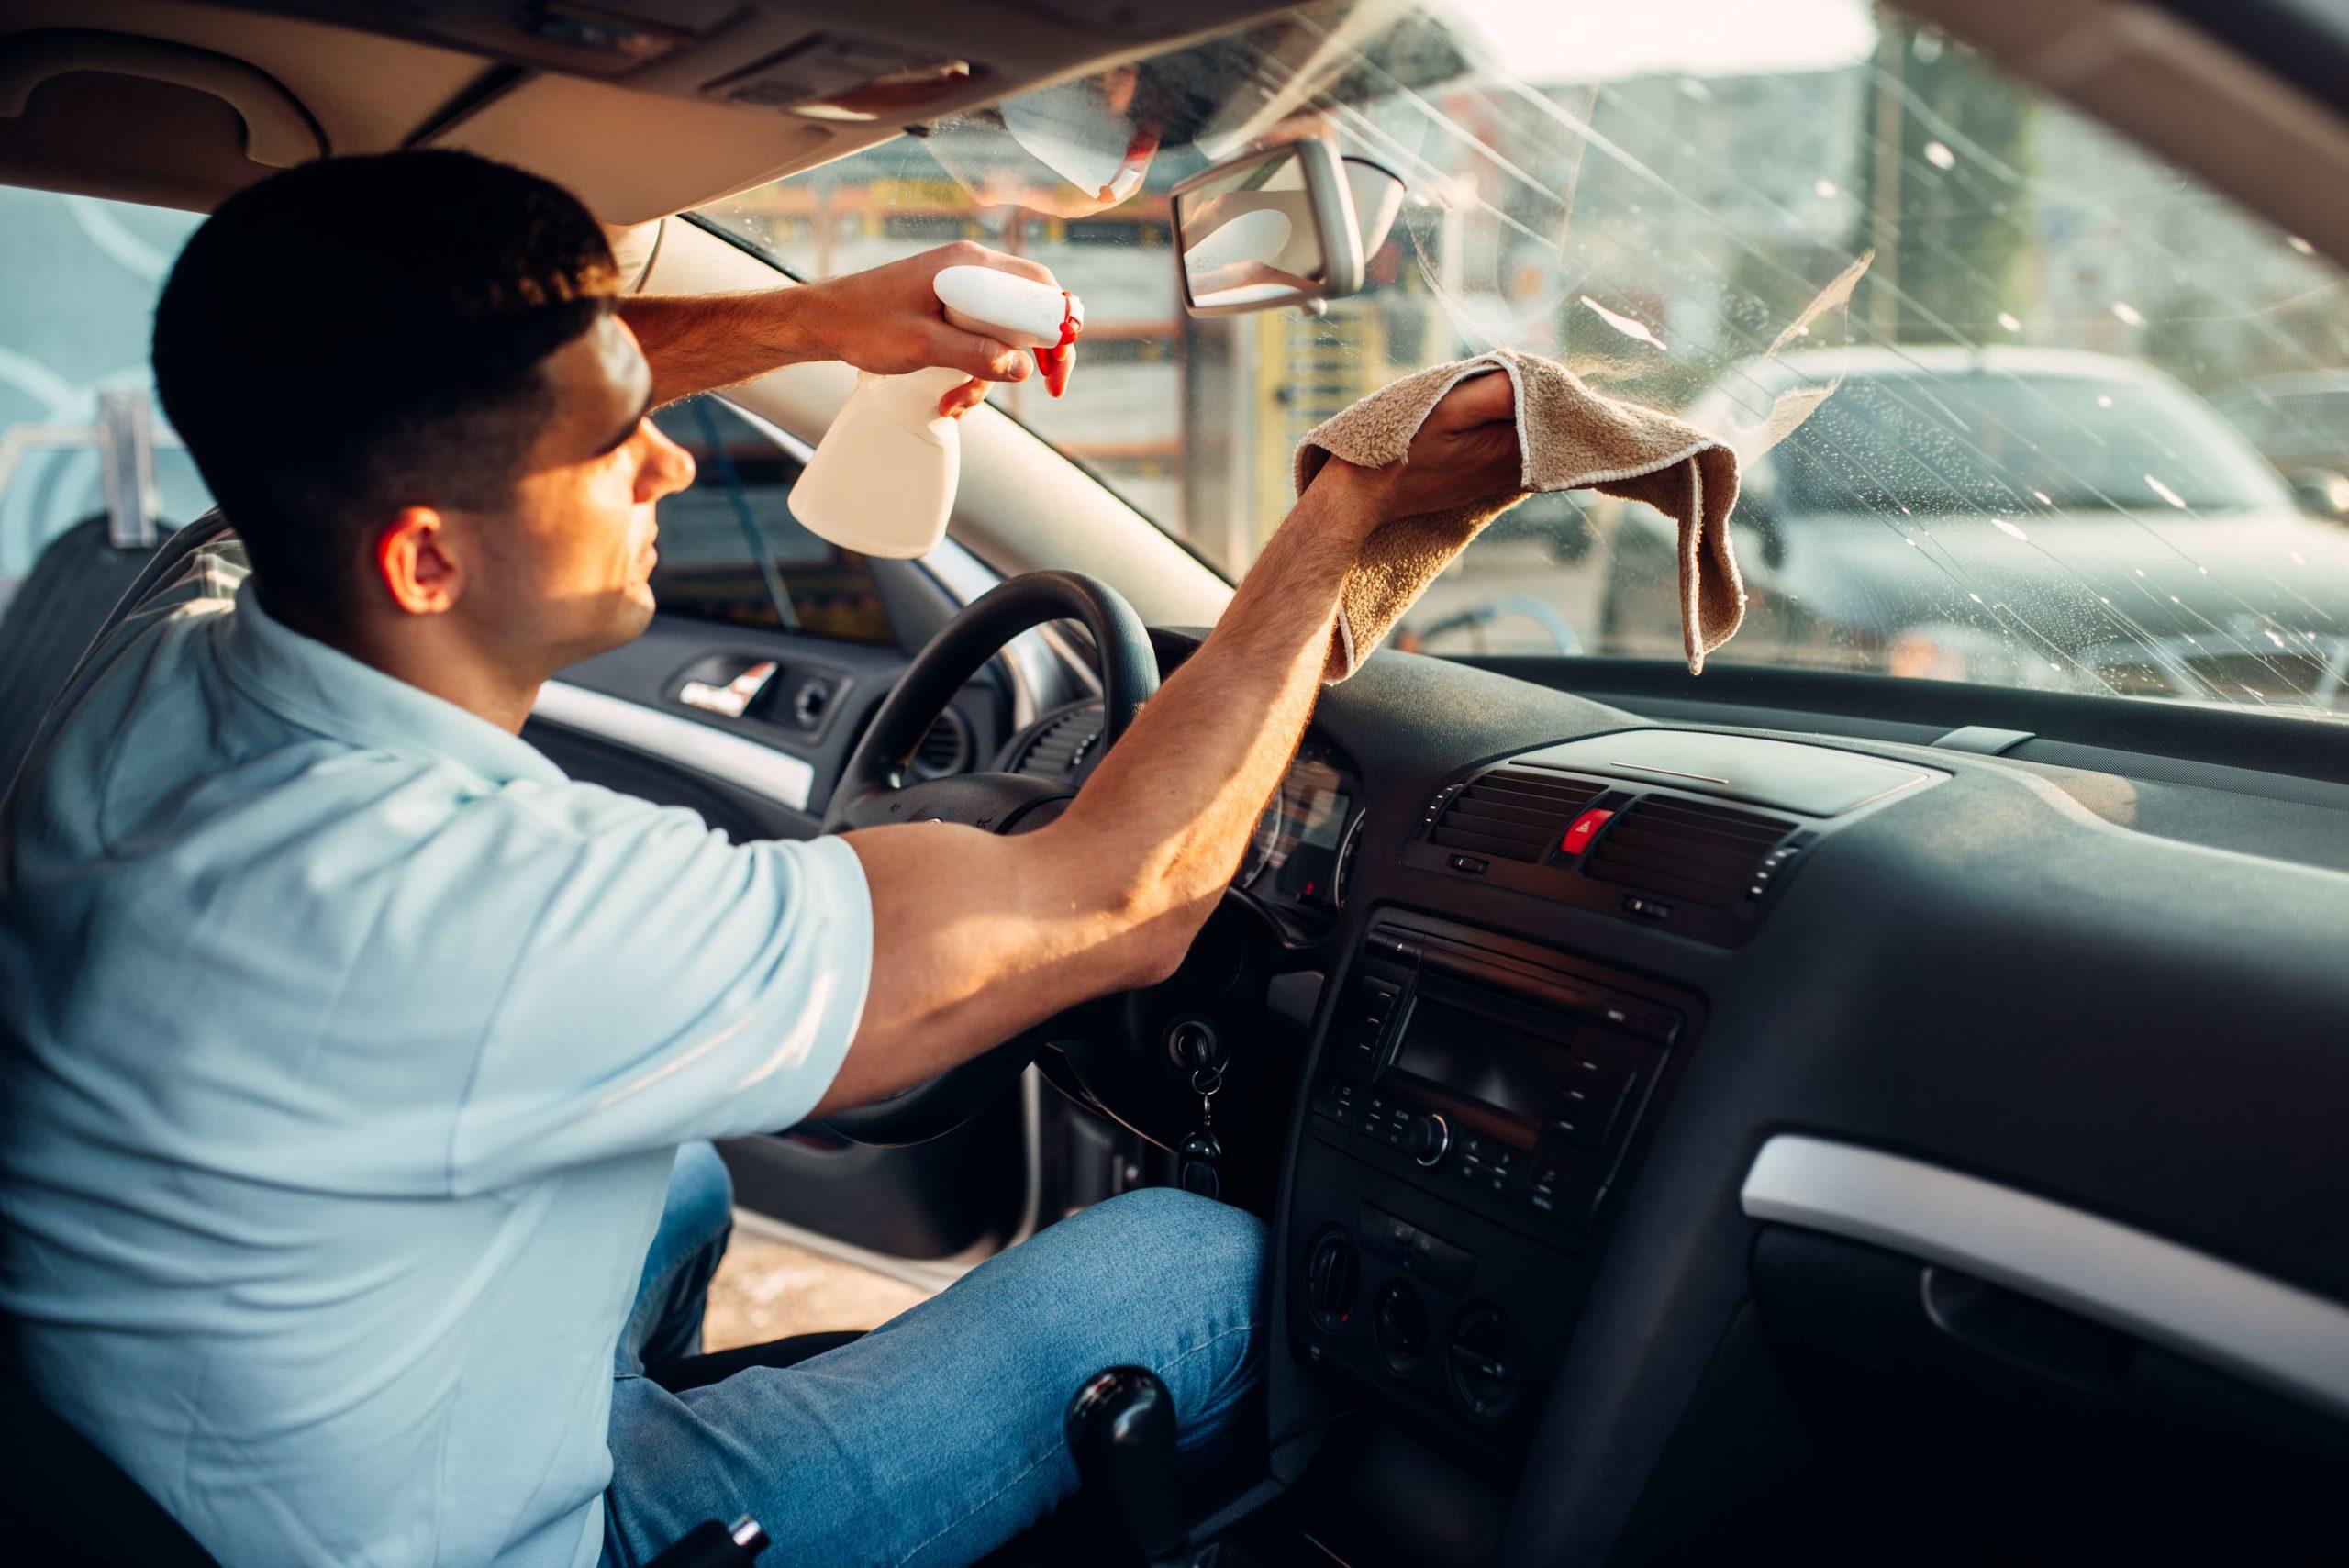 Мужчина протирает окно авто